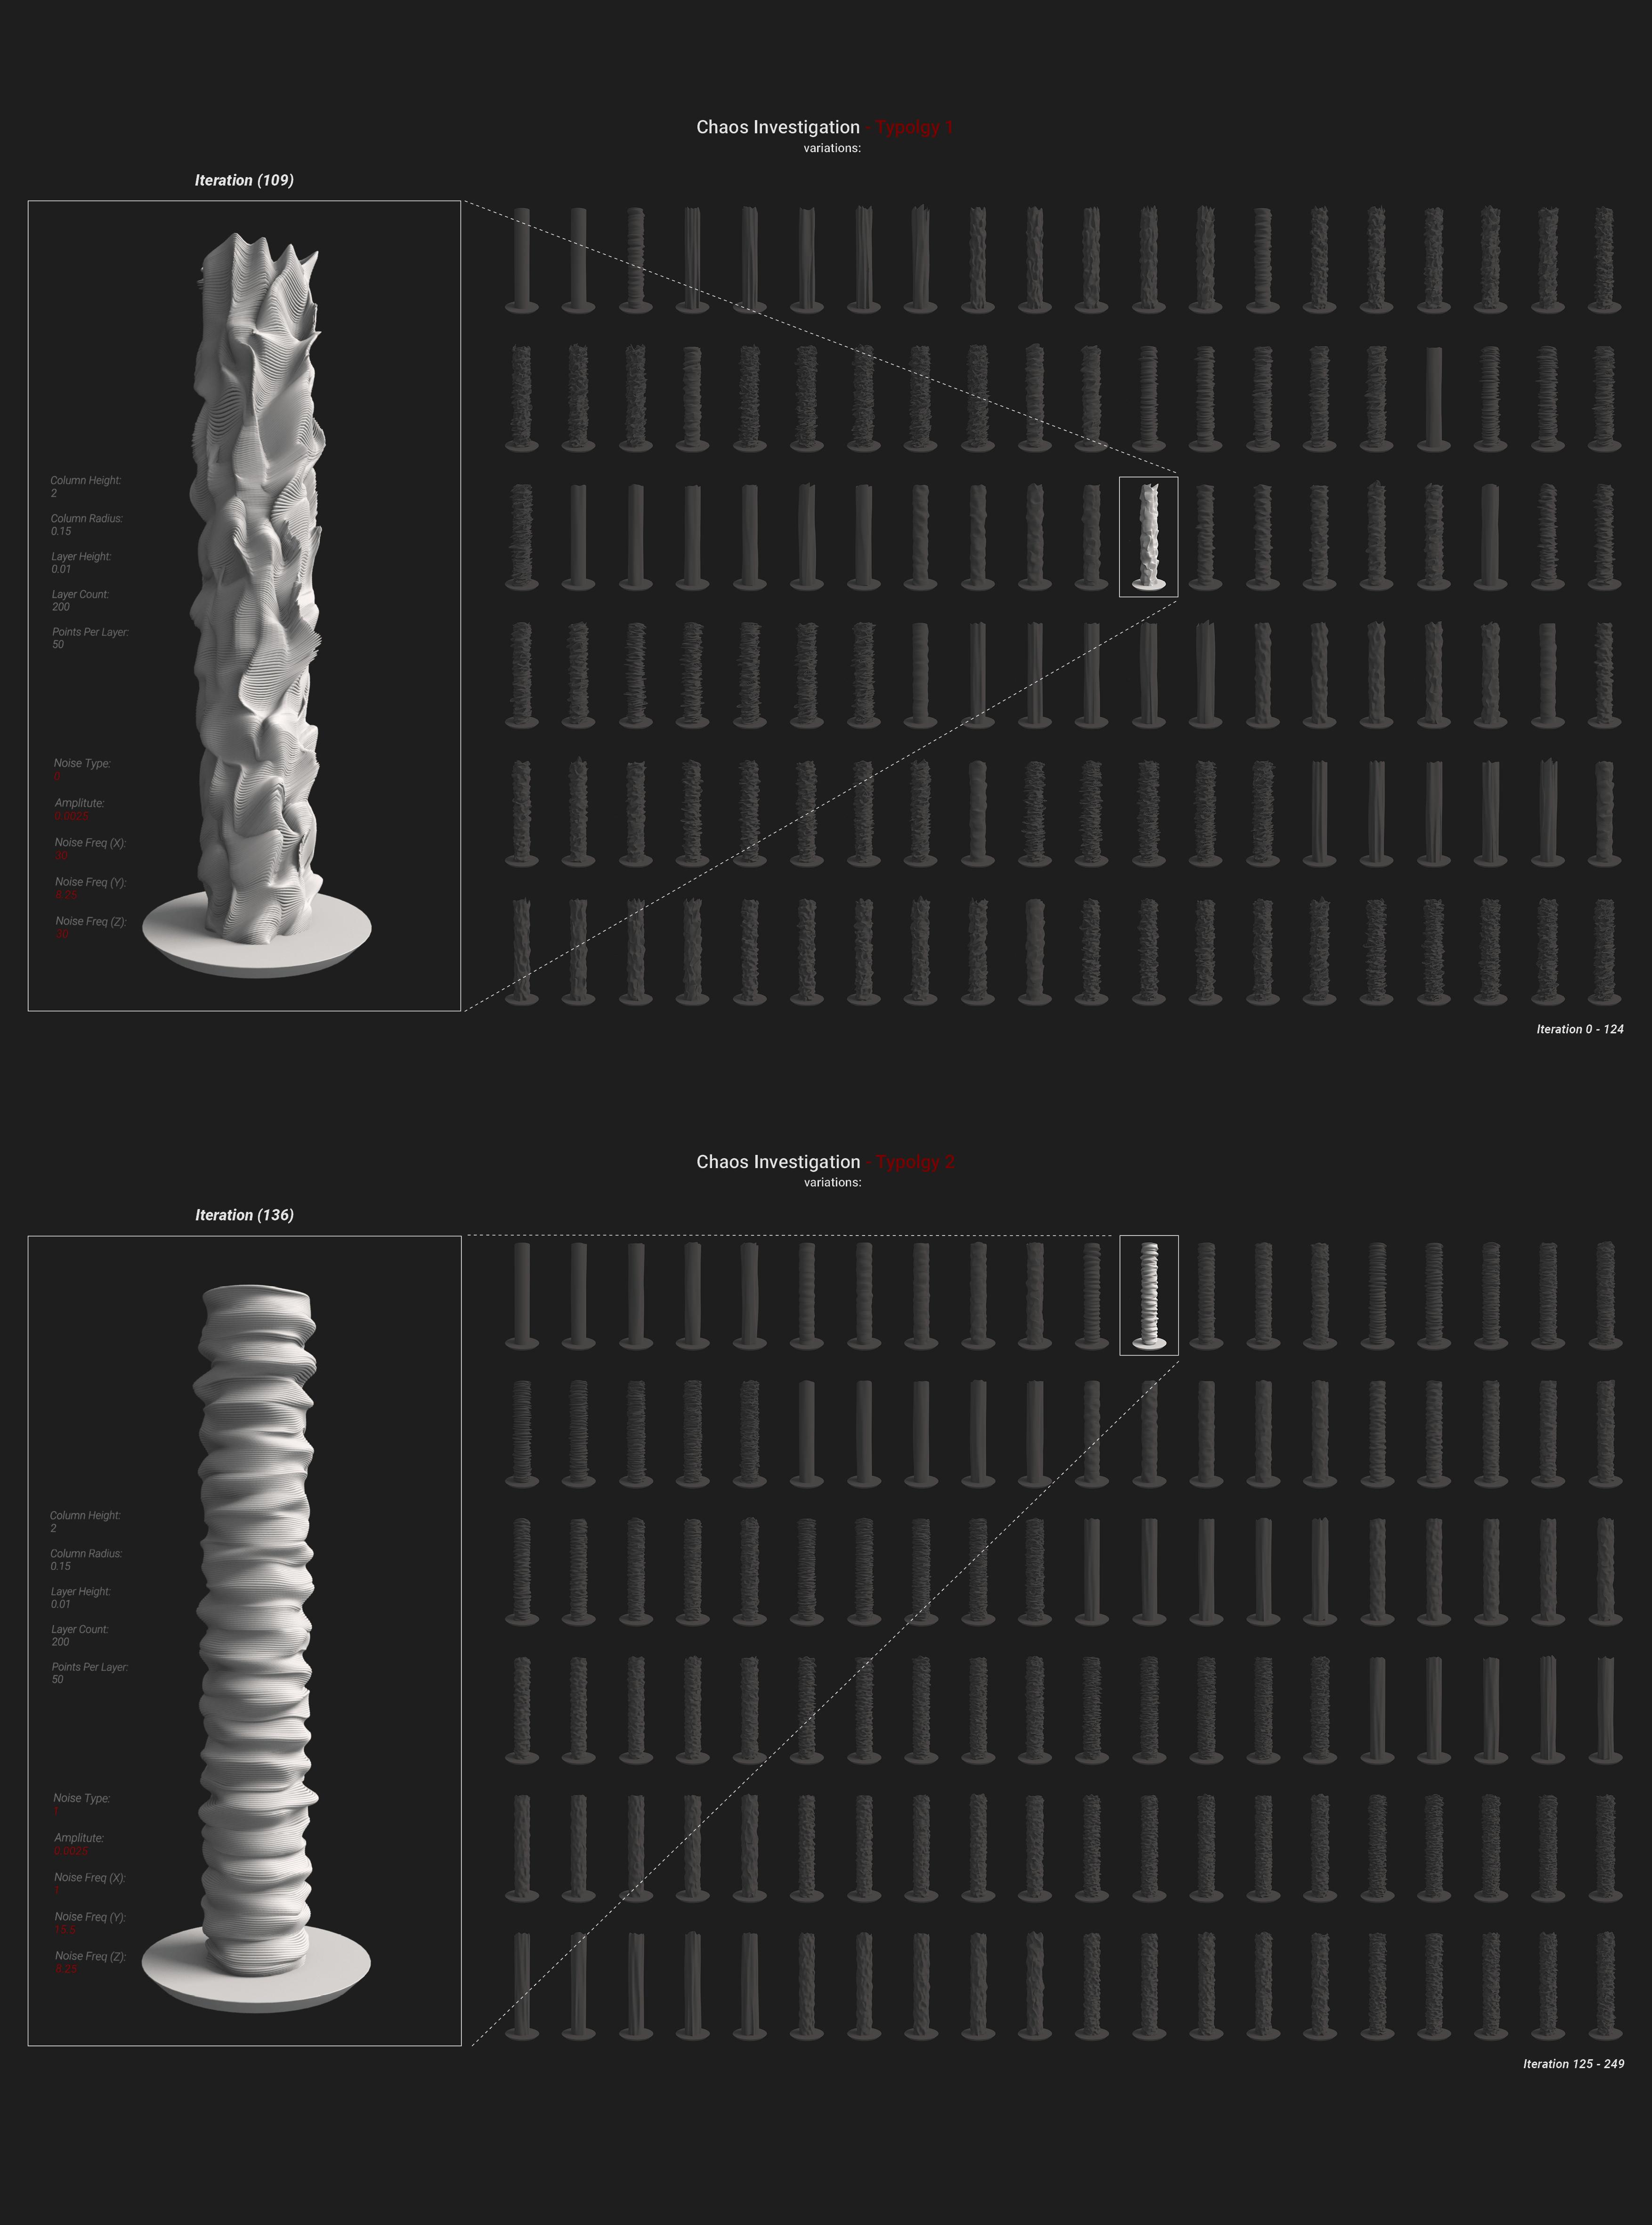 3D Printed GCODE - Rahul Girish